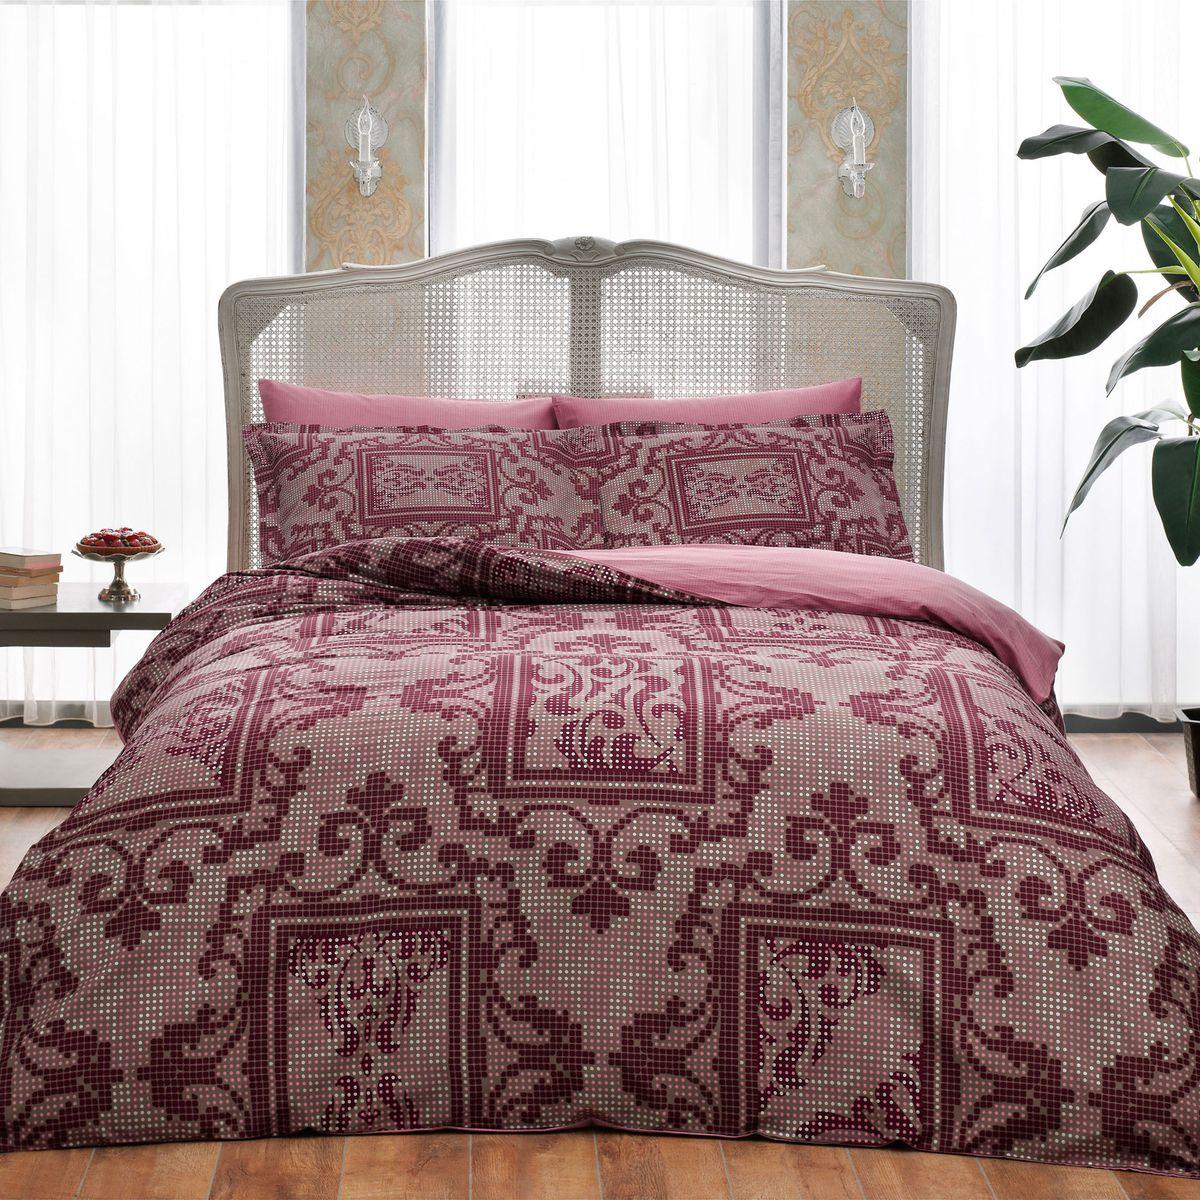 Комплект белья TAC Grant Bordo, 2-спальный, наволочки 50х704245-20243Показатель должного внимания. Выбирая Satin Delux, вы выбираете престиж. Эксклюзивность и непревзойденность в деталях пошива и дизайне. Сатин – гладкая и прочная ткань, которая своим блеском, легкостью и гладкостью похожа на шелк, но выгодно отличается от него в цене. Сатин практически не мнется, поэтому его можно не гладить. Ко всему прочему, он весьма практичен, т.к. хорошо переносит множественные стирки. Если вы ценитель эстетики и практичности одновременно, безусловно, сатин для вас!Советы по выбору постельного белья от блогера Ирины Соковых. Статья OZON Гид